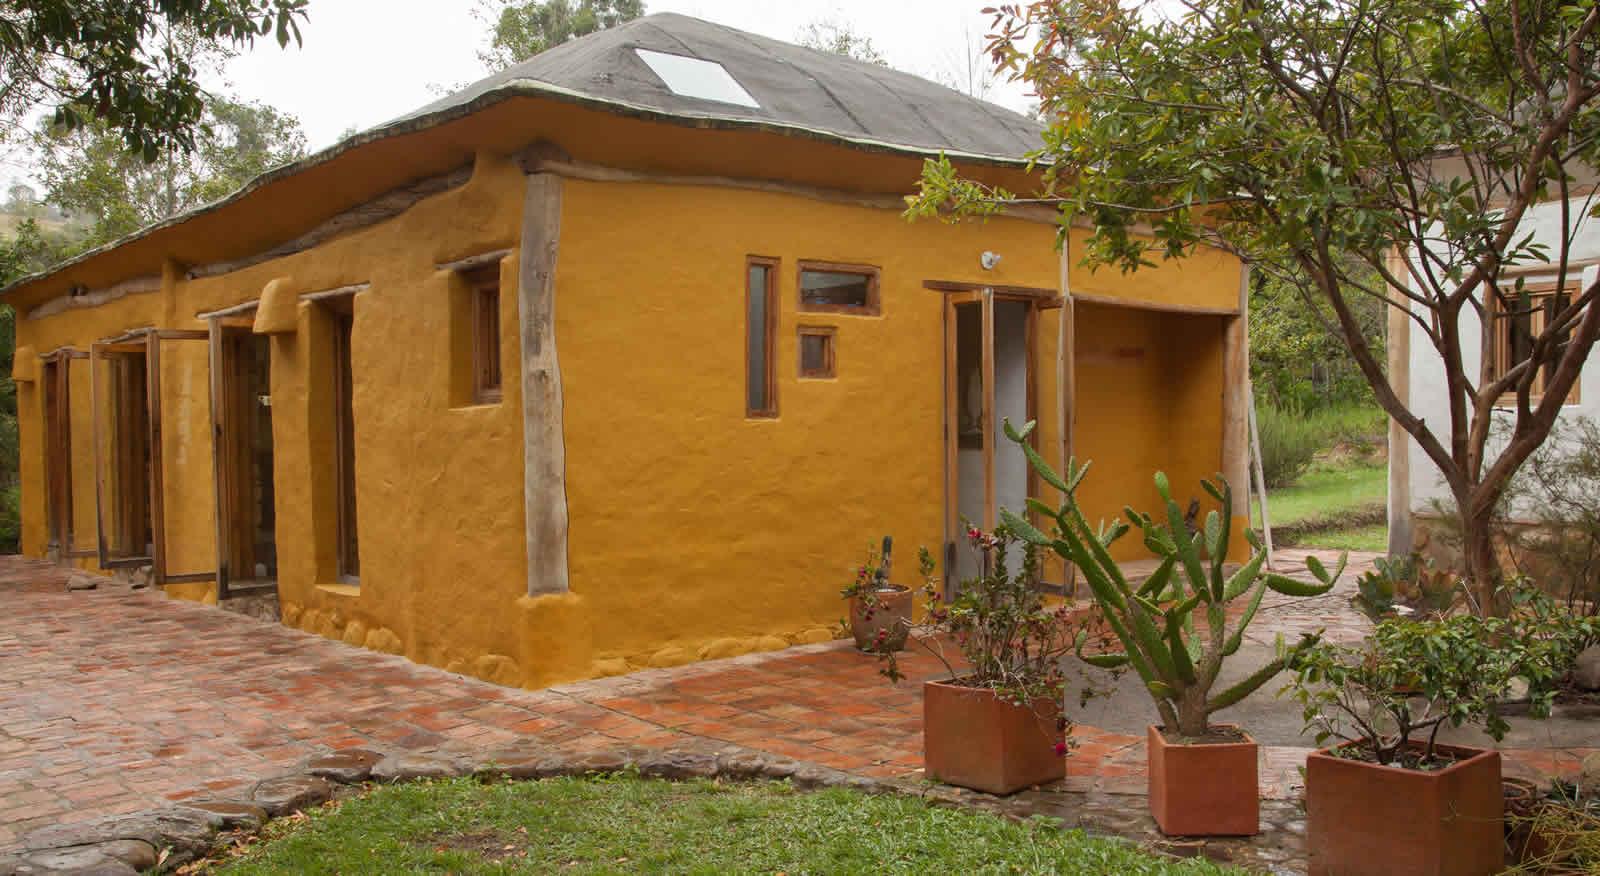 Alquiler cabaña La Colorada 2 en Villa de Leyva - Fachada